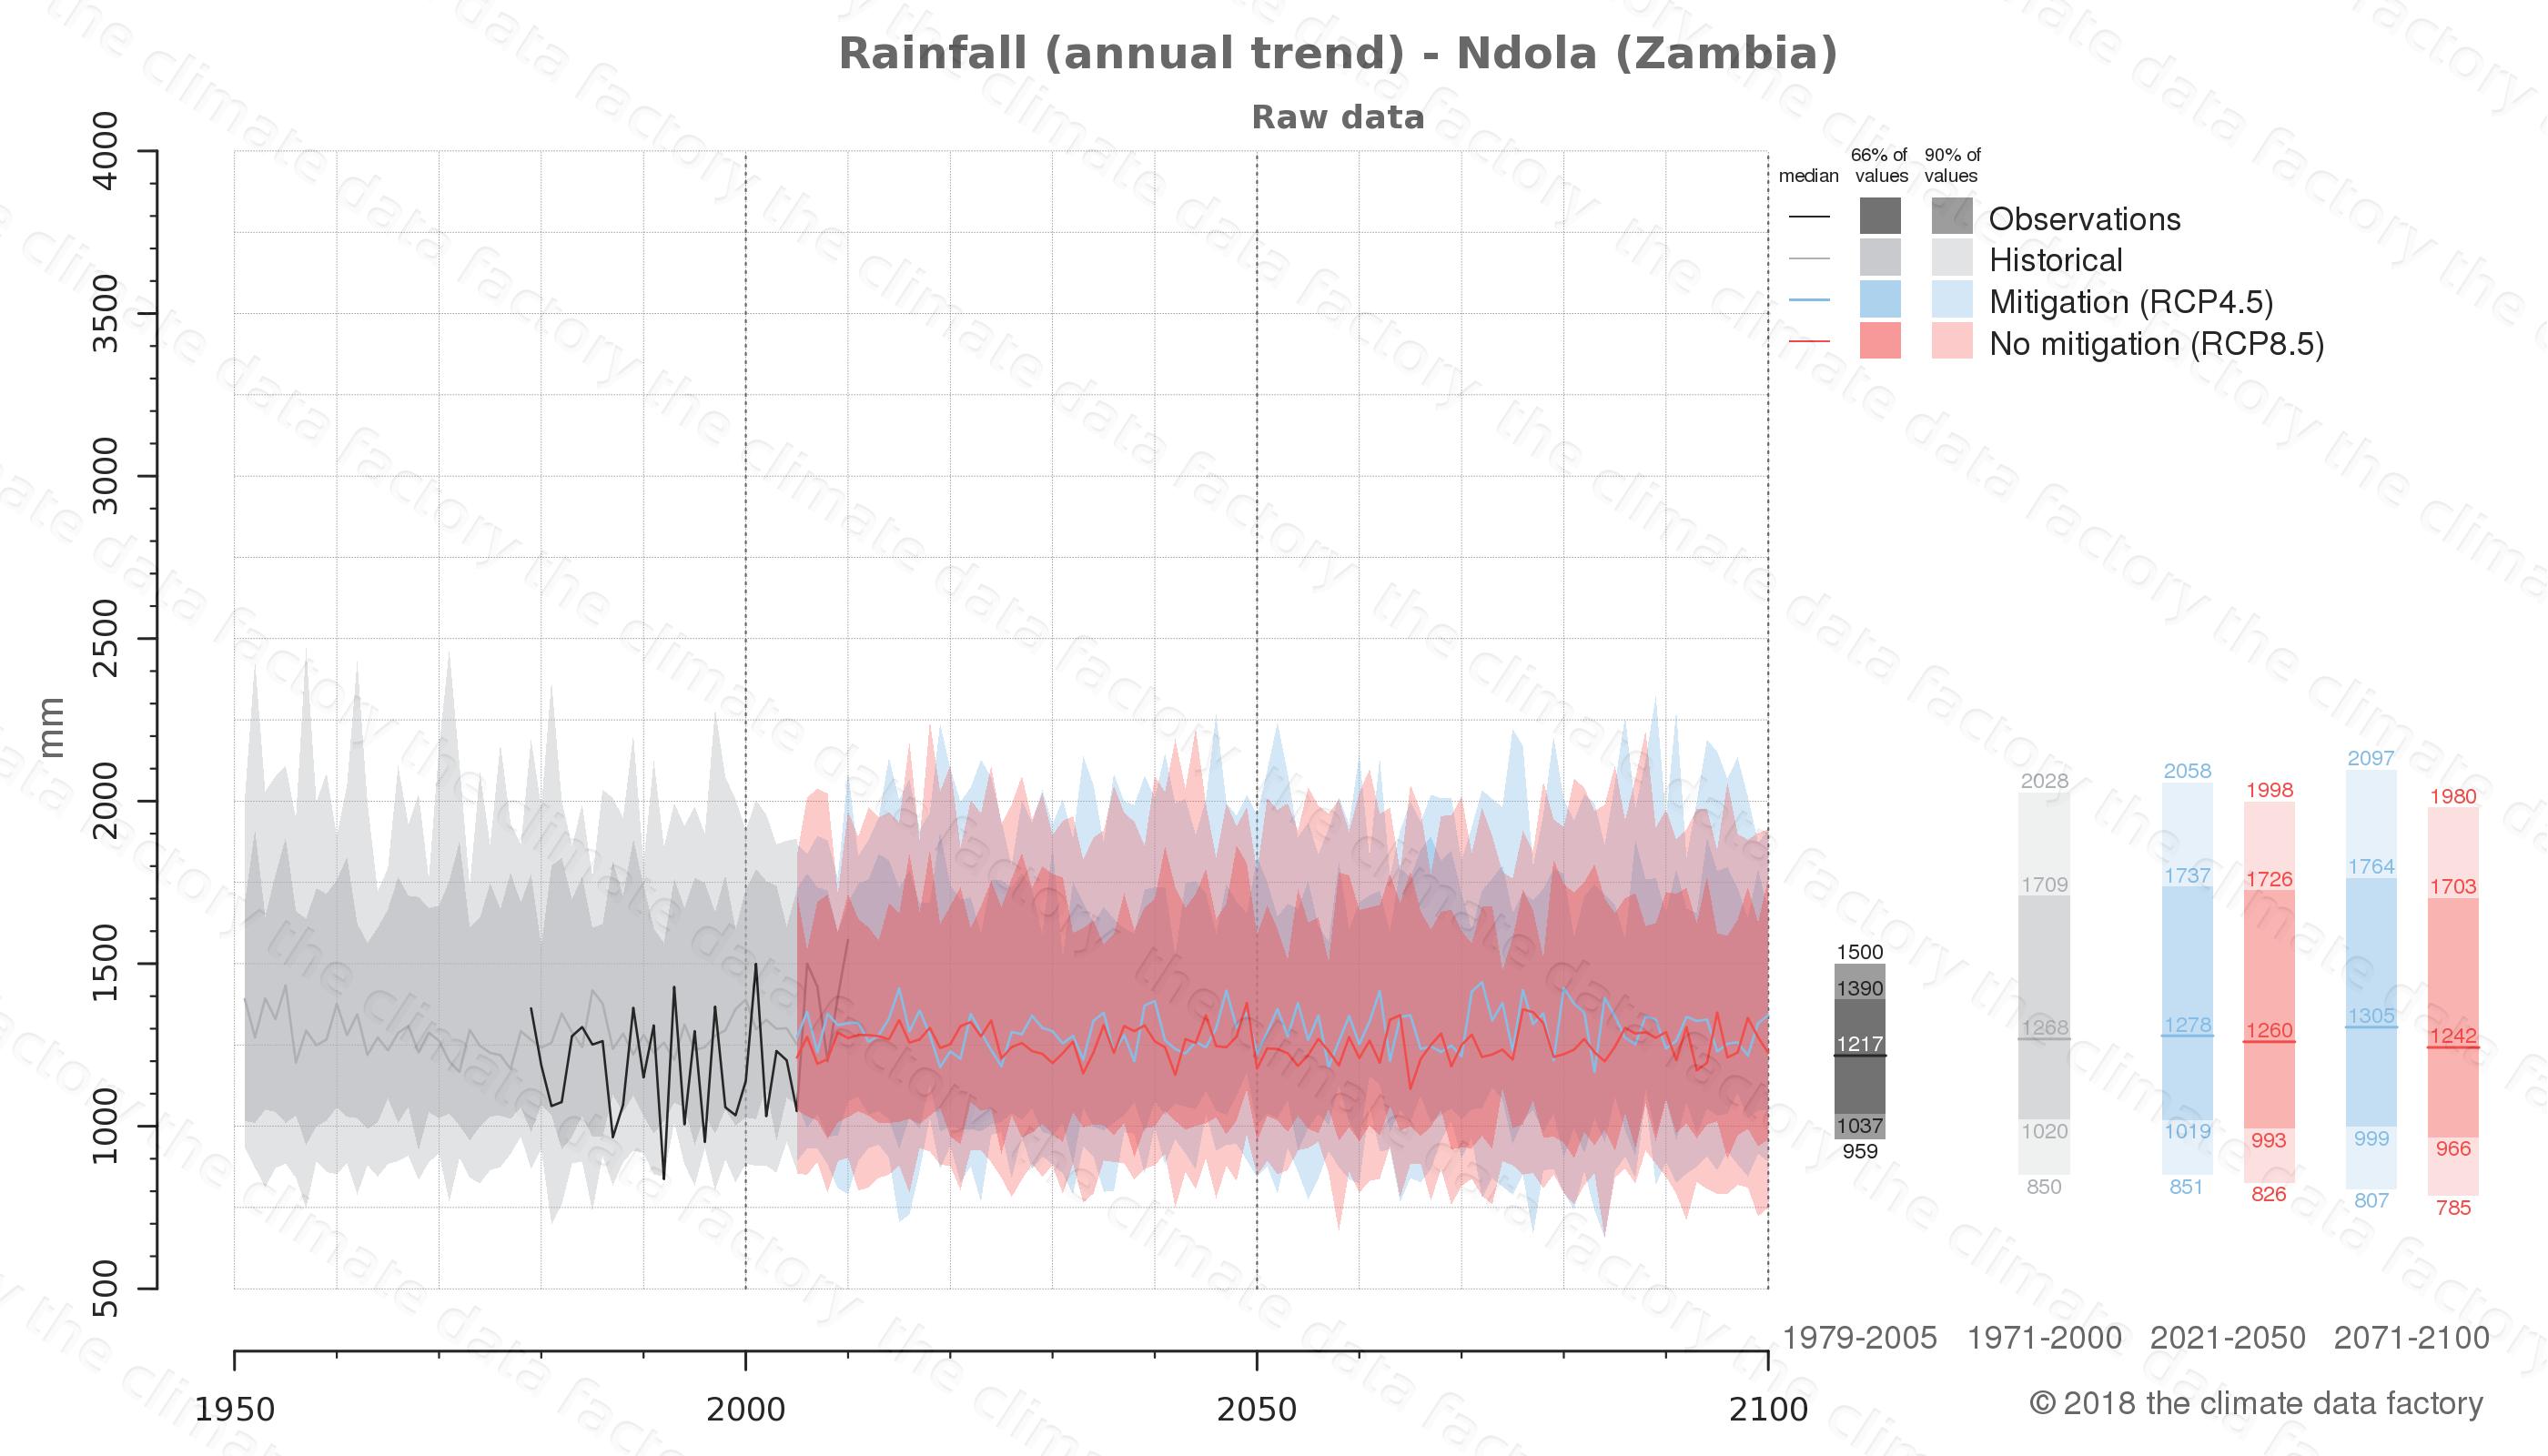 climate change data policy adaptation climate graph city data rainfall ndola zambia